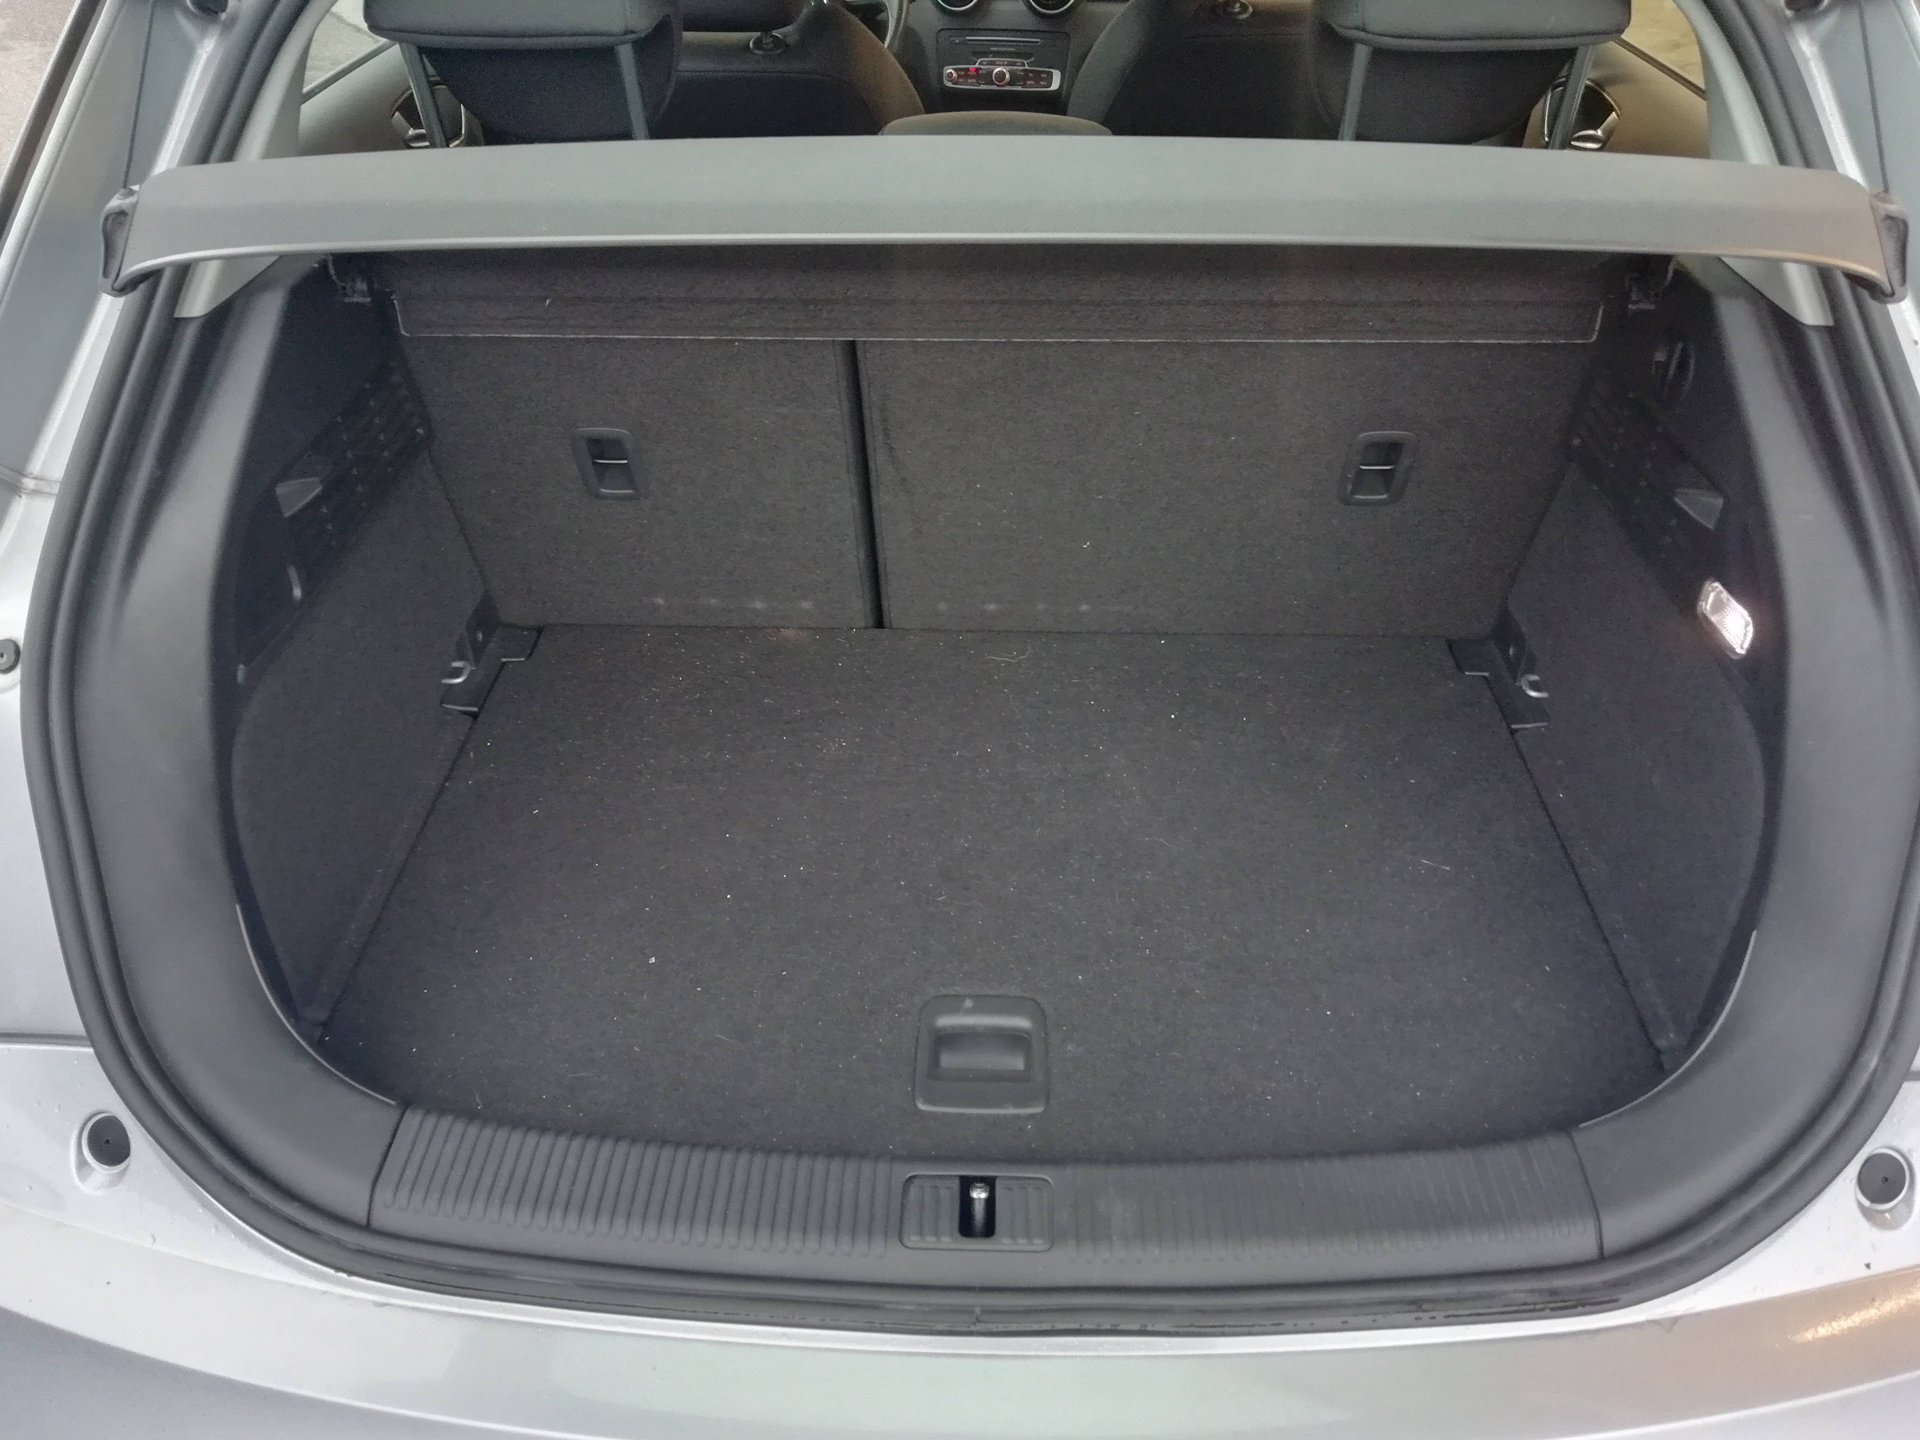 7 - A1 Sportback 1.4 TDI 90 ultra